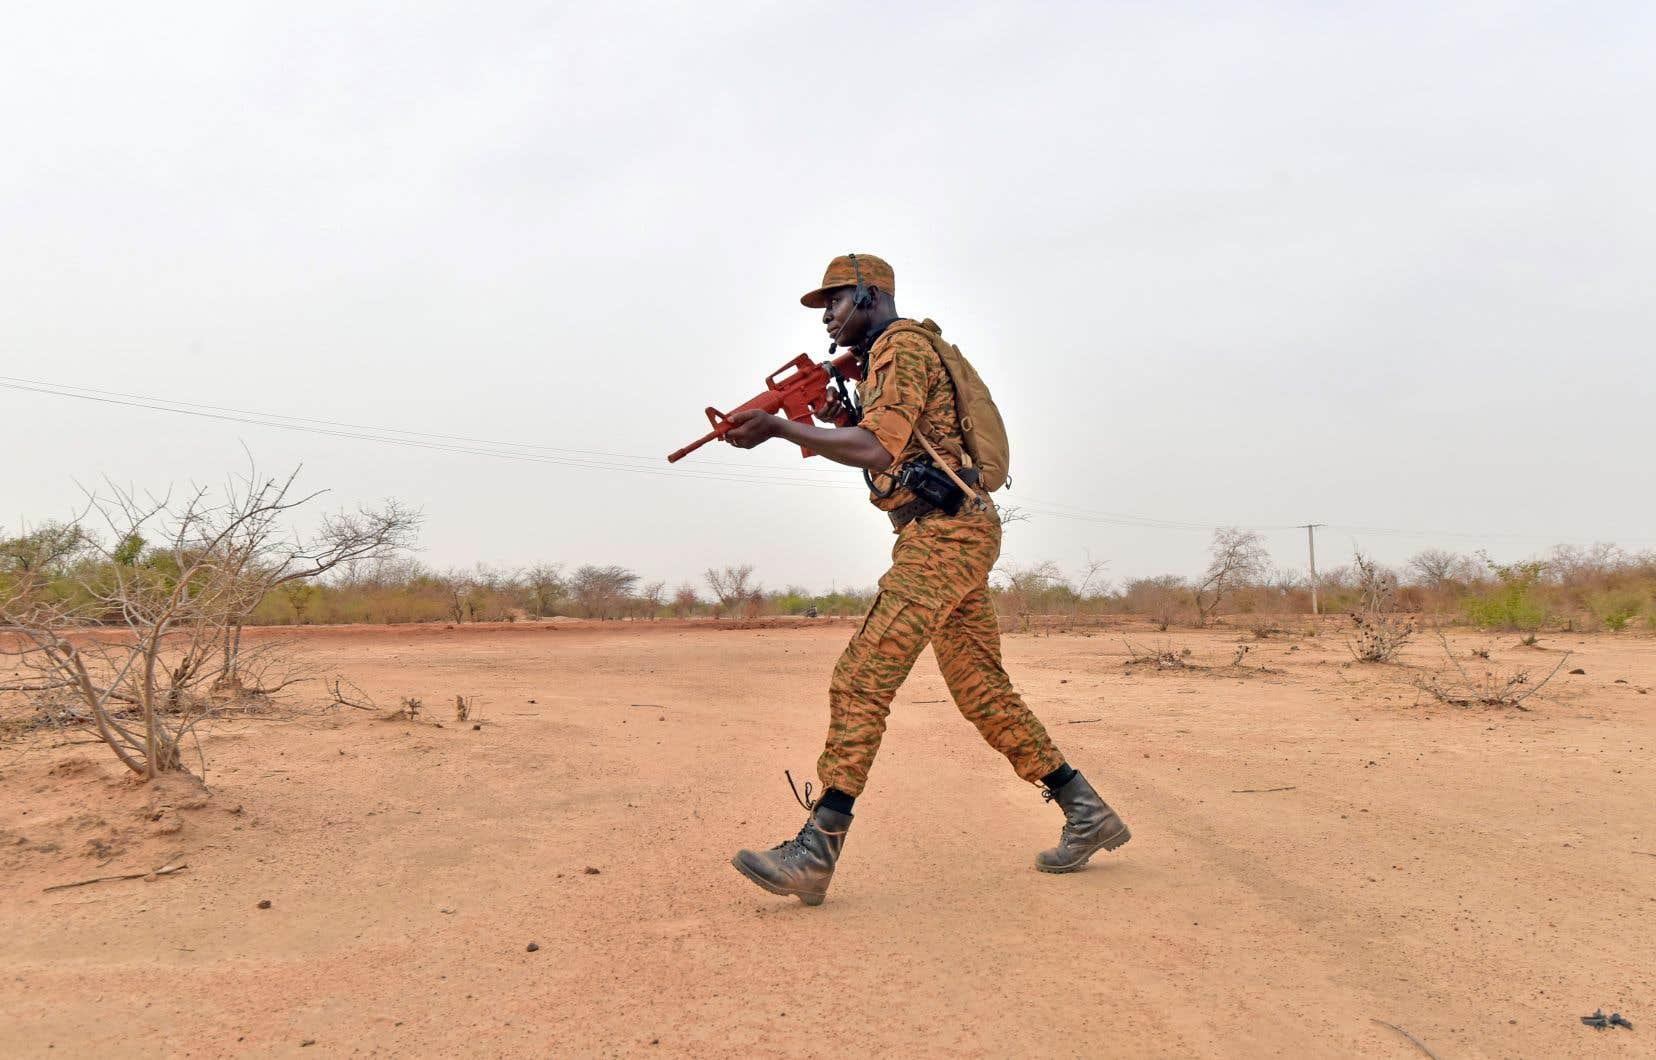 Au Burkina Faso, les attaques attribuées à des groupes djihadistes sont de plus en plus fréquentes. Sur la photo, un soldat burkinabé en entraînement.